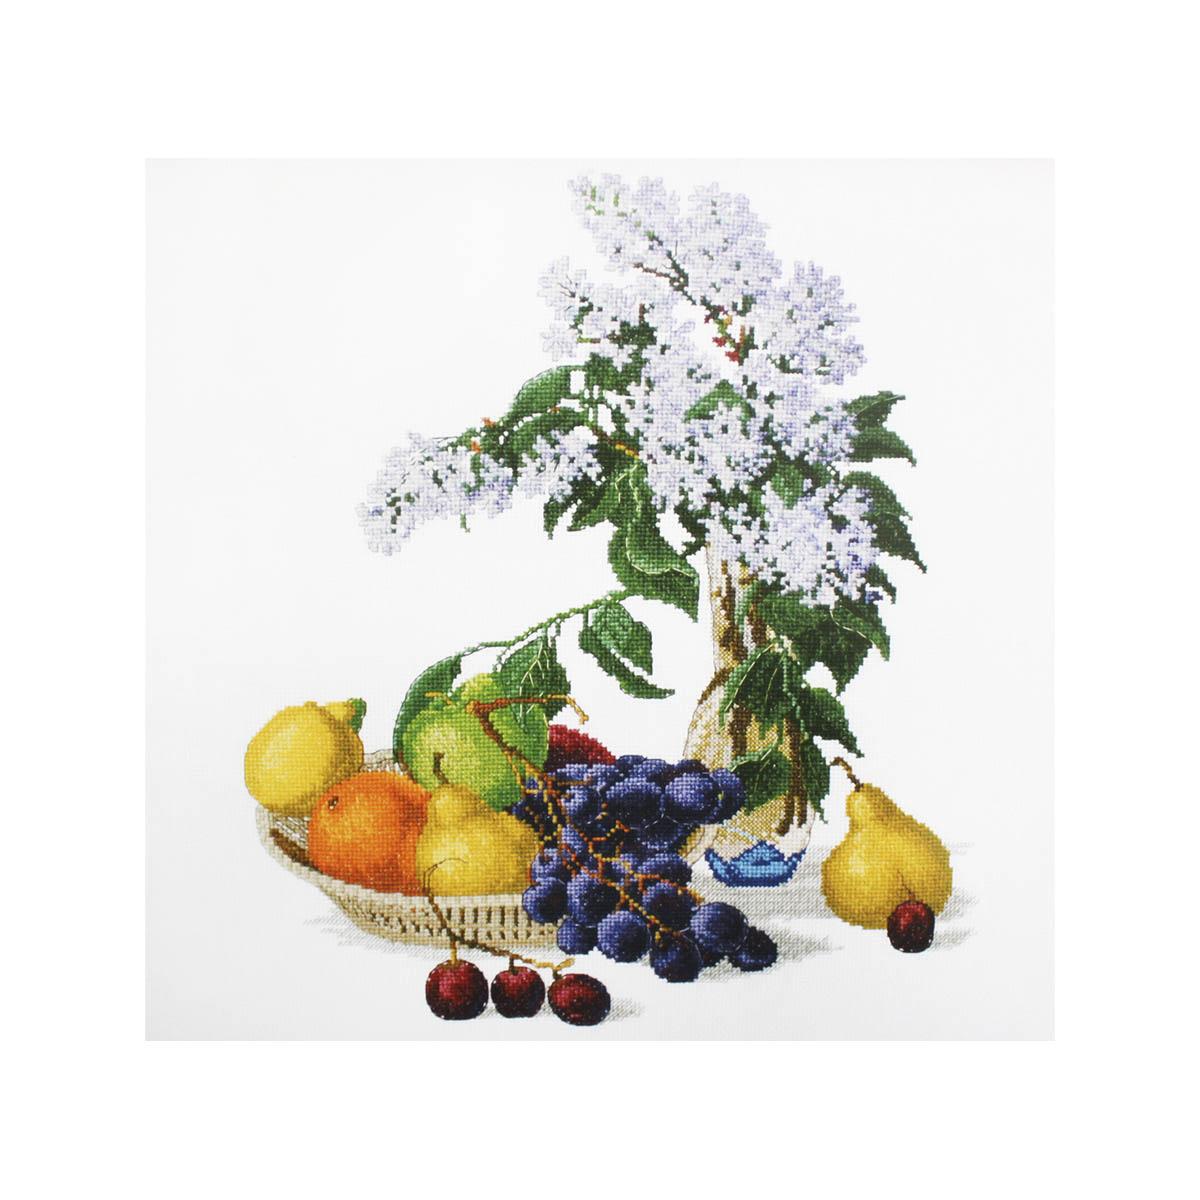 Набор для вышивания крестом Овен Сирень и фрукты, 32 х 37 см набор для вышивания крестом овен щенки бигль 28 х 37 см